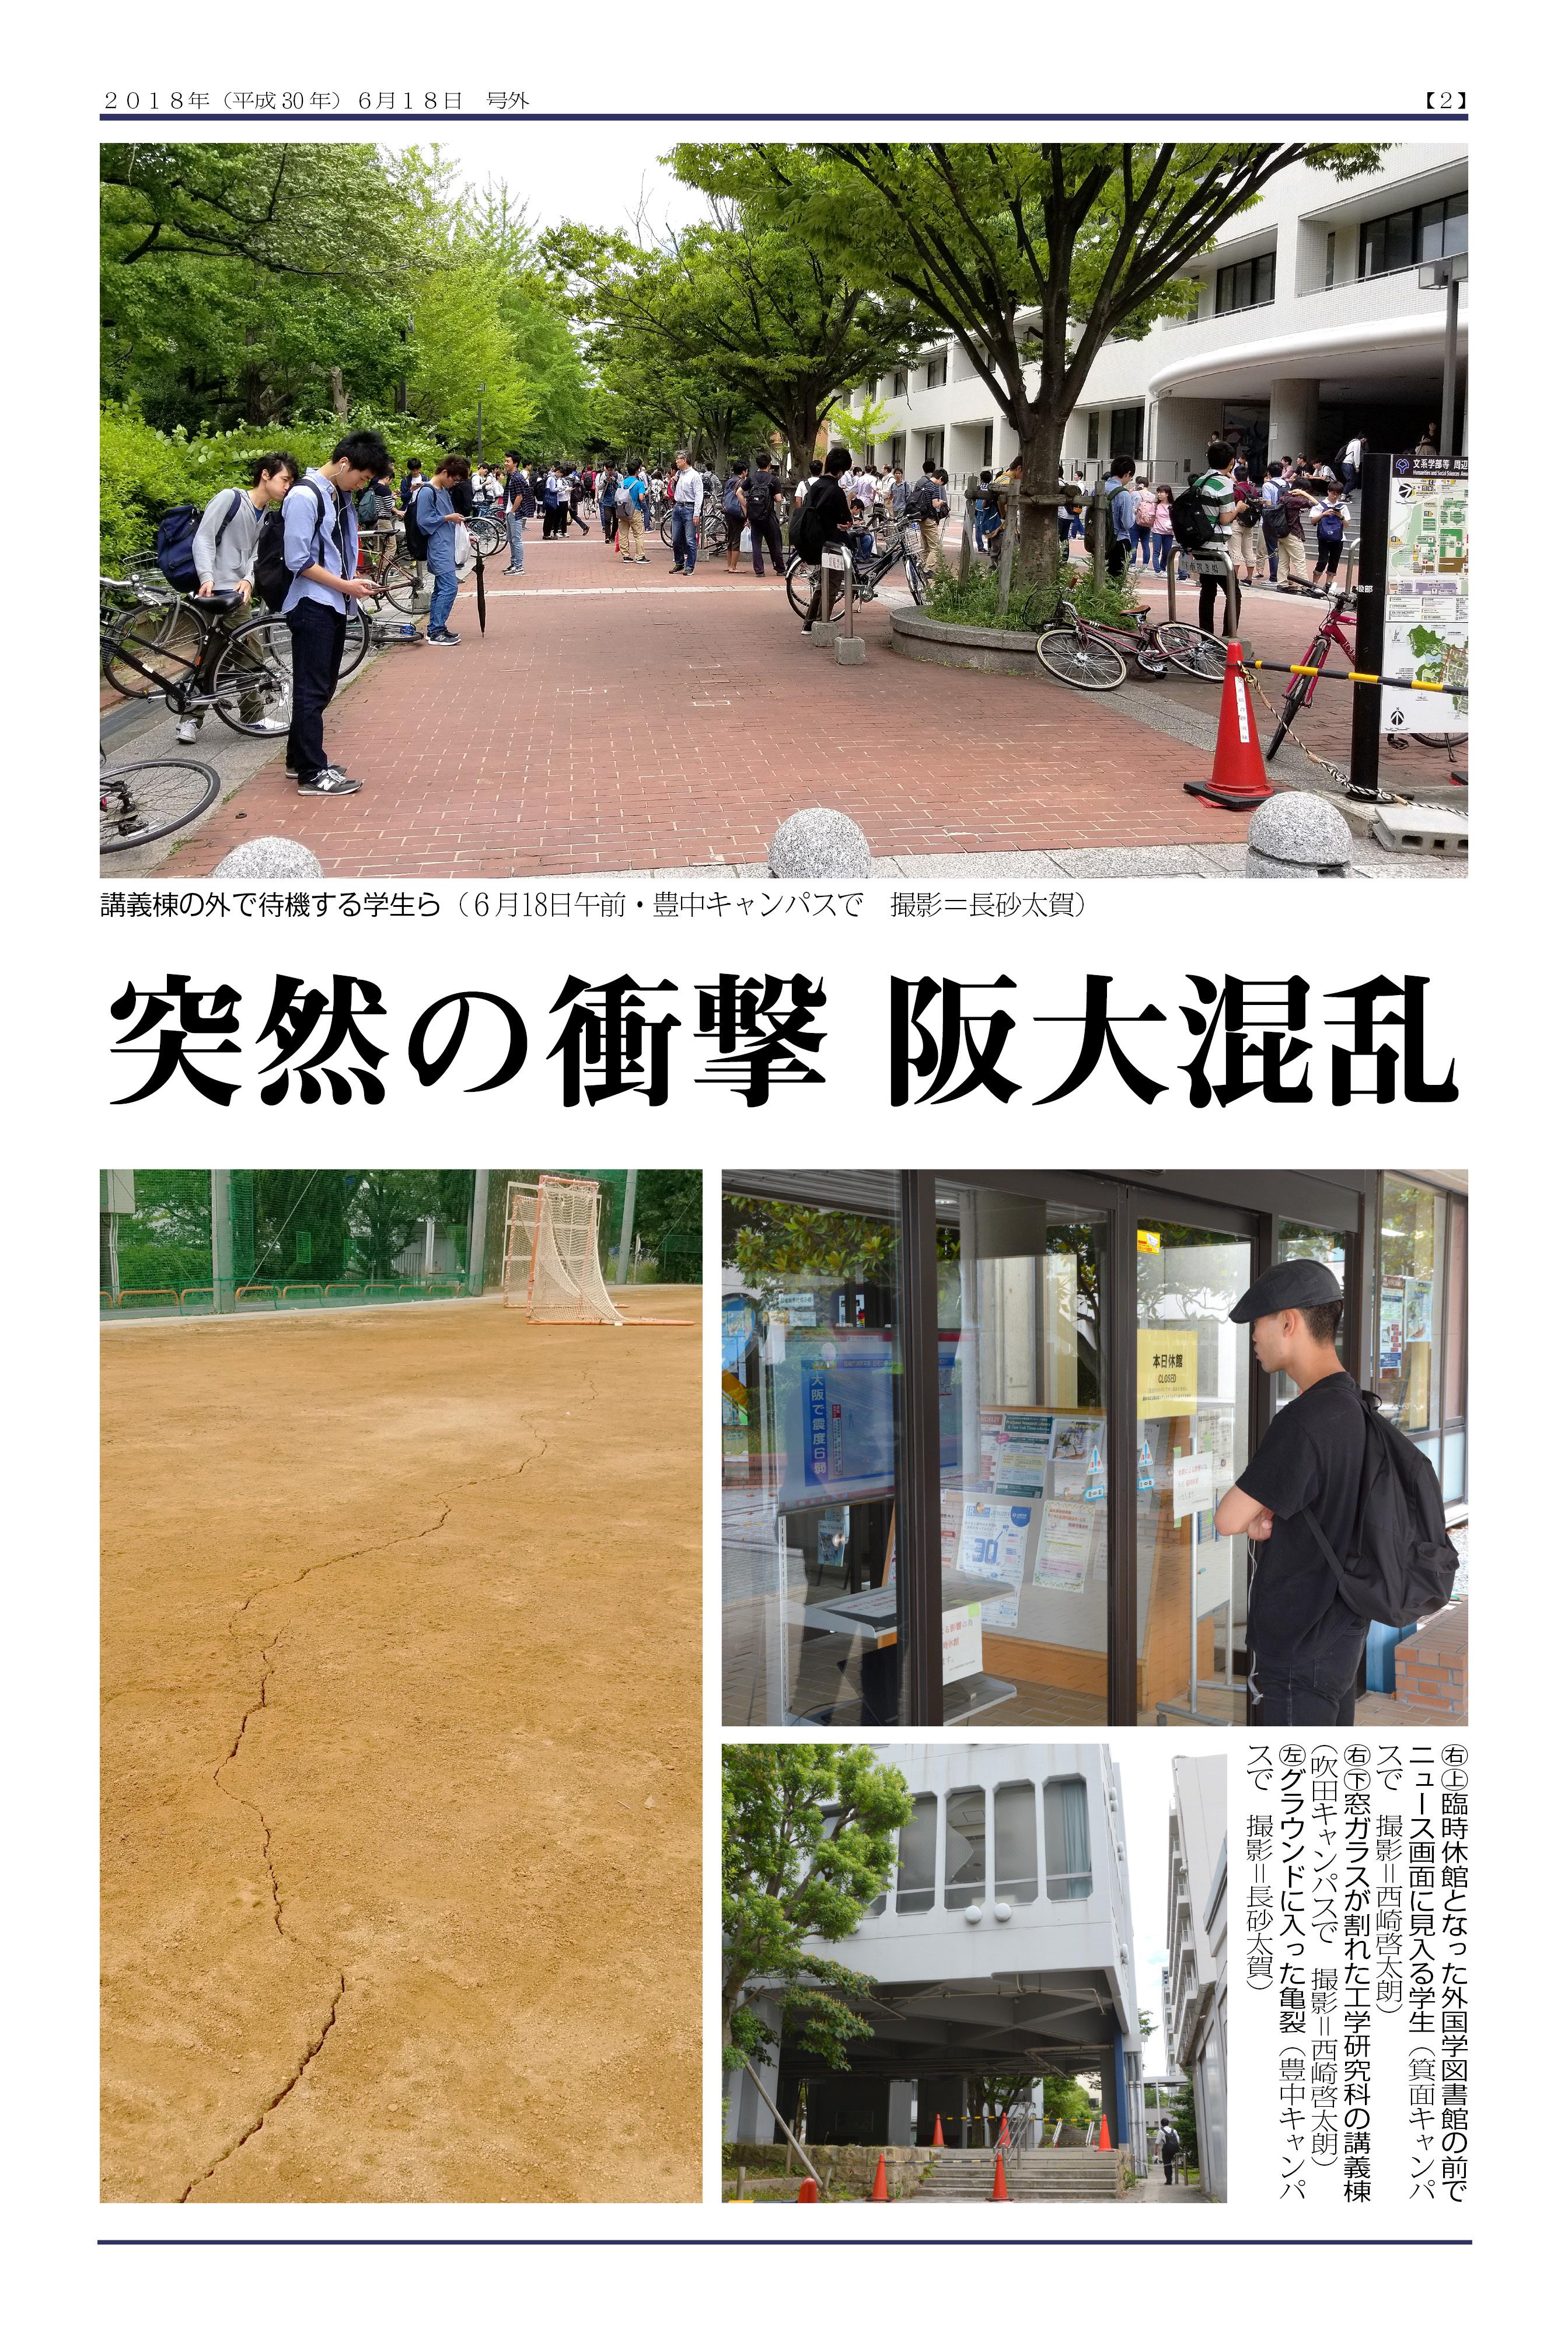 【号外】大阪北部で震度6弱 突然の衝撃 阪大混乱